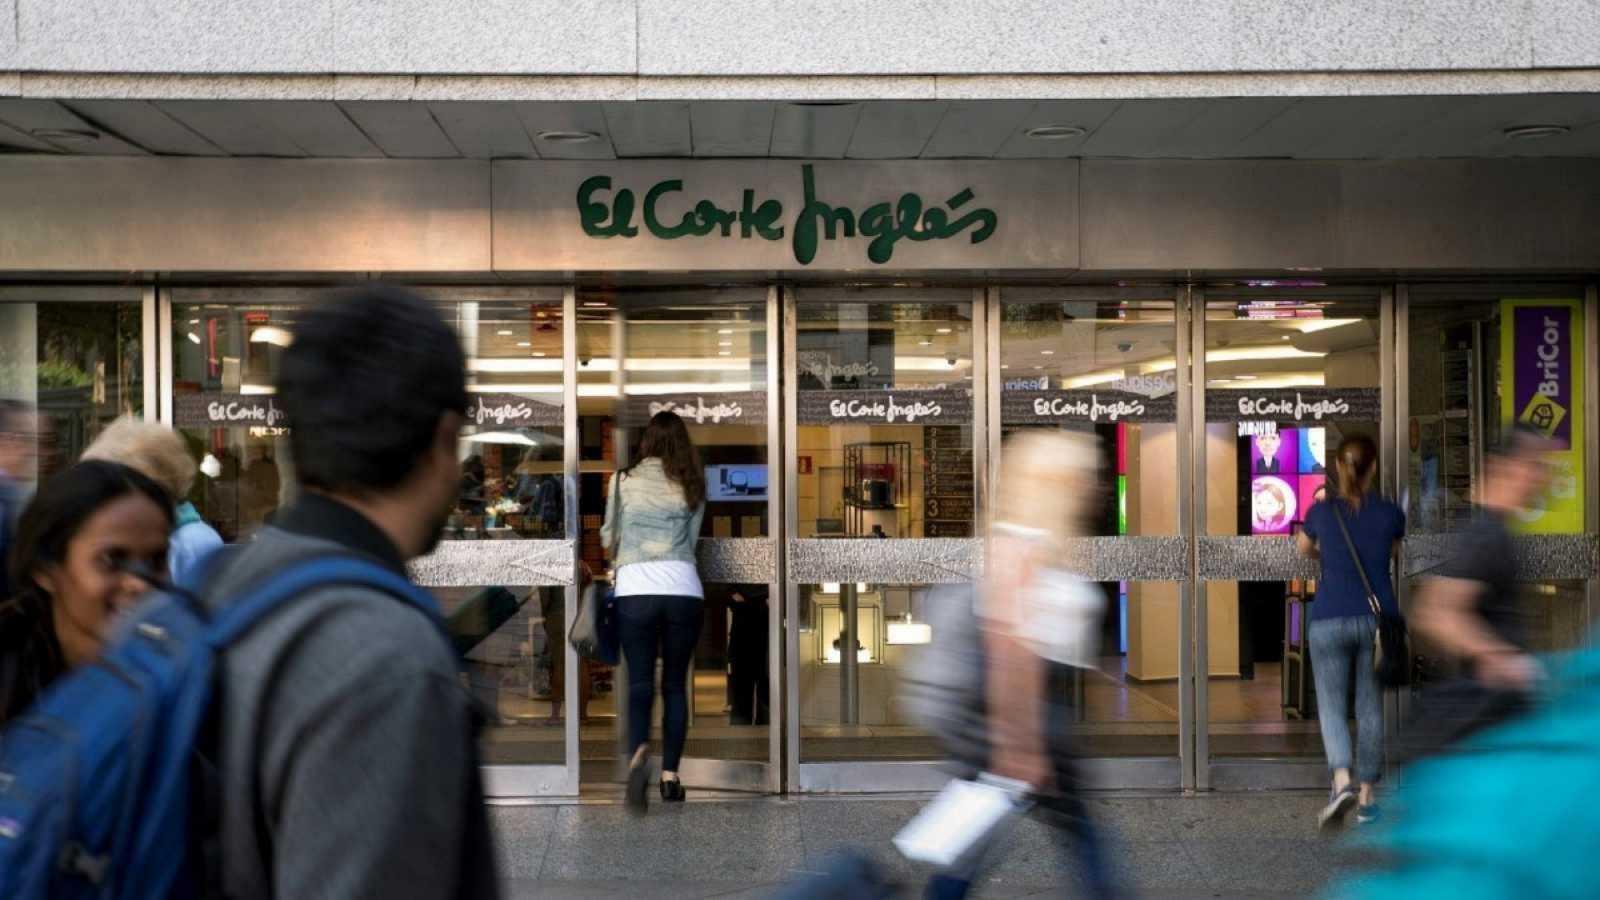 14 horas - El Corte Inglés prepara un ERE para 3.000 trabajadores - Escuchar ahora